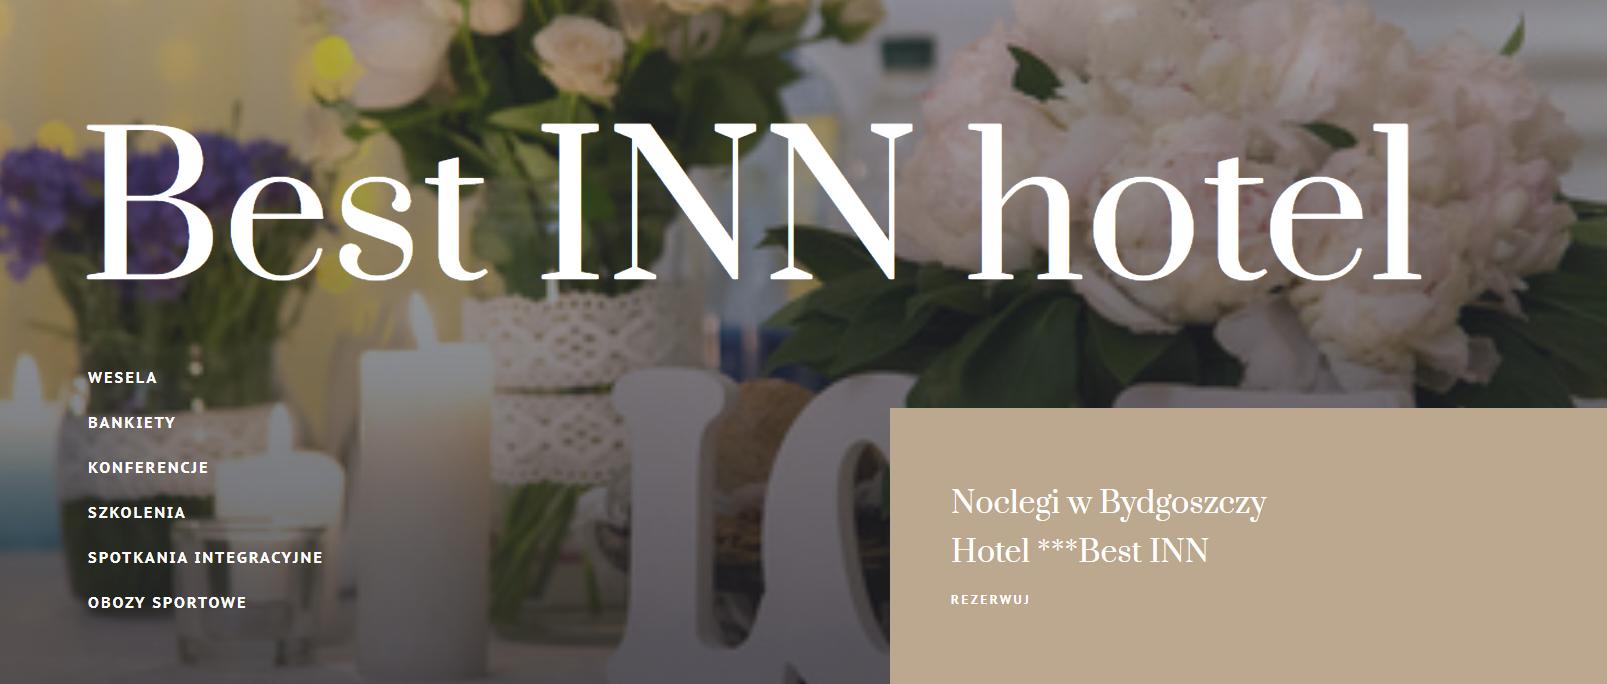 Hotel_Bestinn_Bydgoszcz_Hotel Best Inn  wysoki standard, rozsądna cena